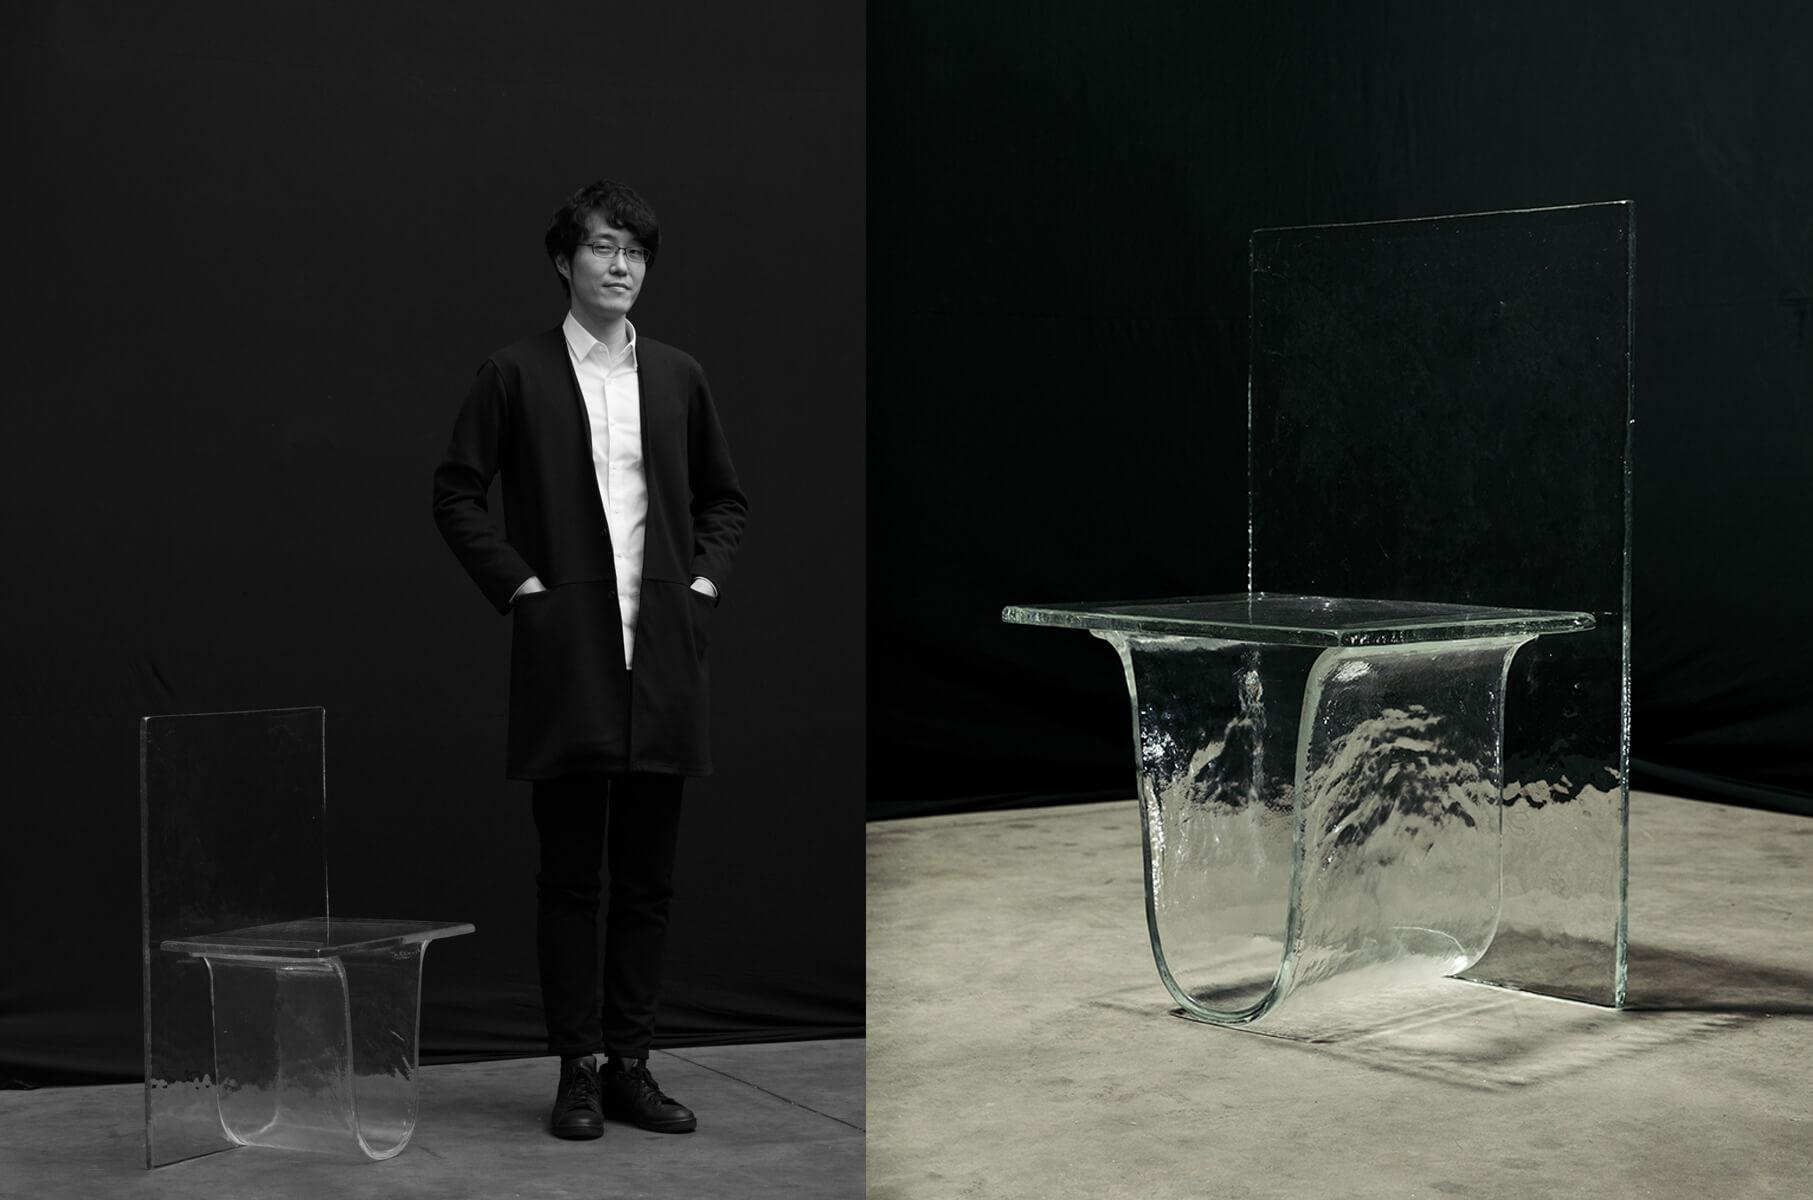 <a href='https://revistaaxxis.com.co/el-arte-de-la-gravedad/'><h2>El arte de la gravedad</h2>El vidrio como materia prima y el intento de hacer menos para lograr más, son las dos inspiraciones en la reciente colección del estudio japonés Nendo.</a>